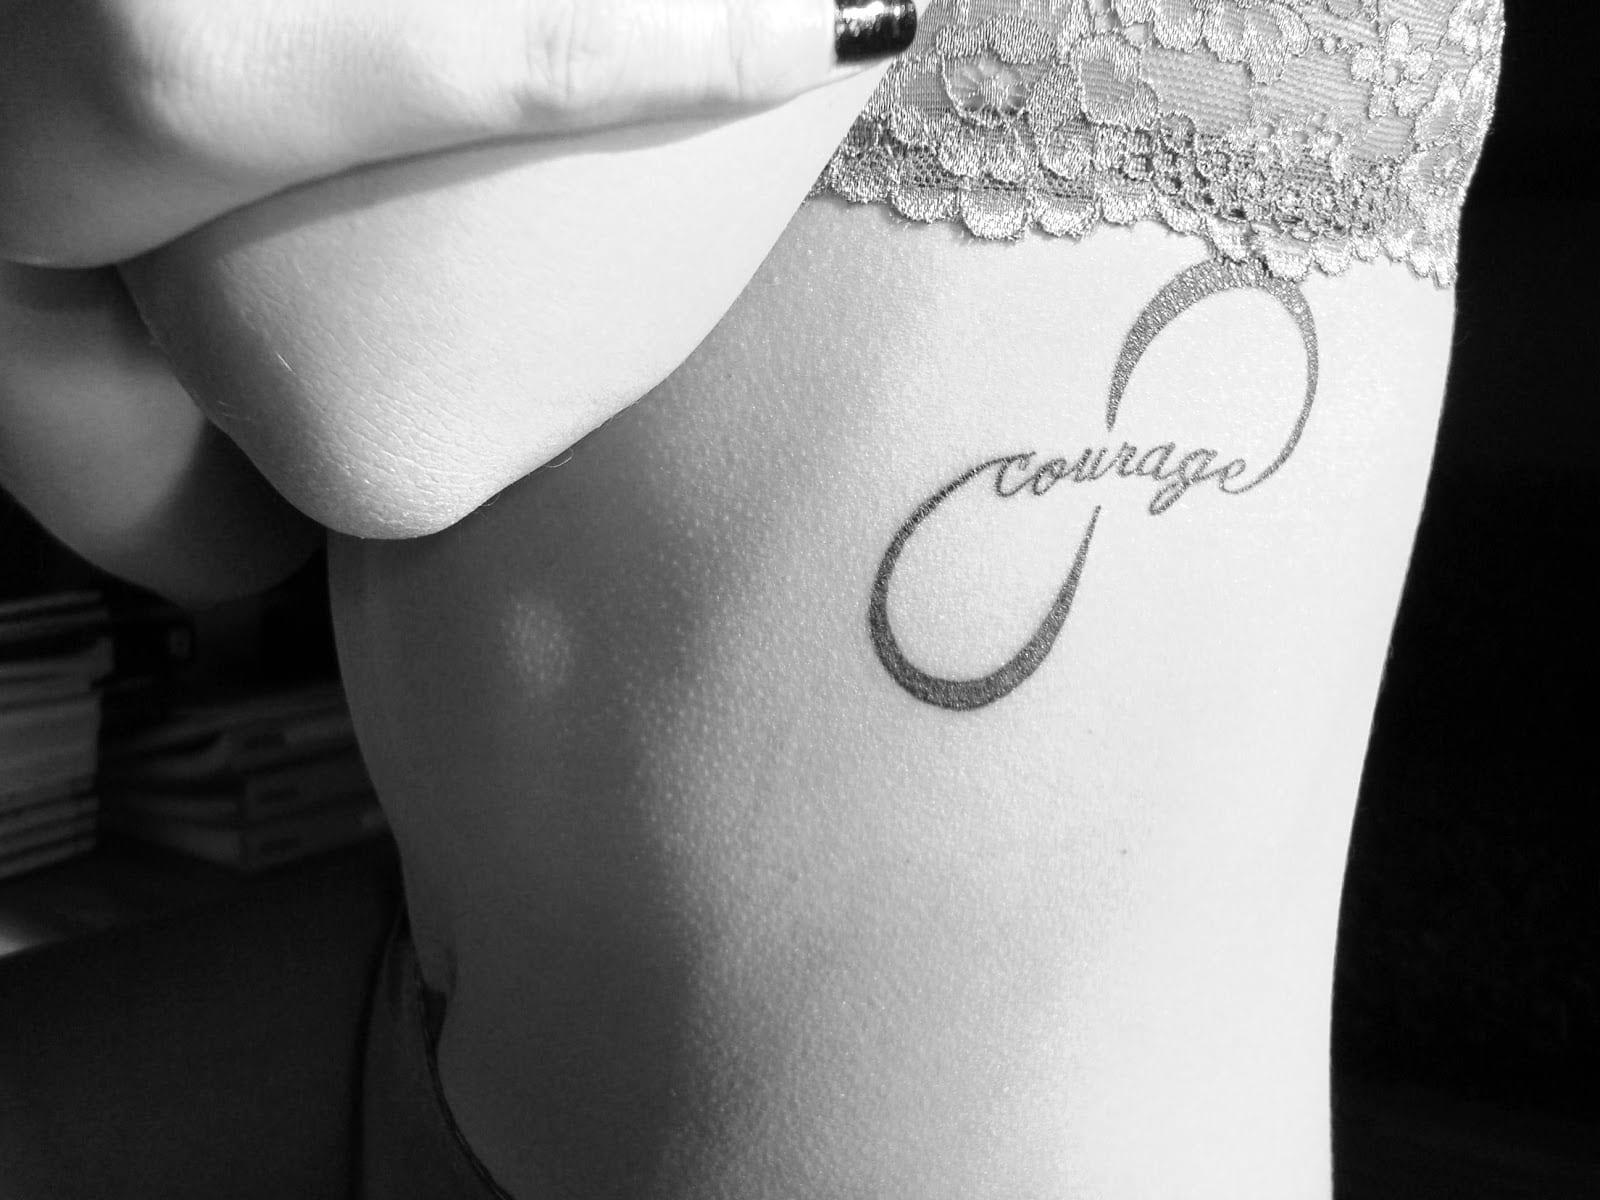 Tatuaje de infinito y coraje